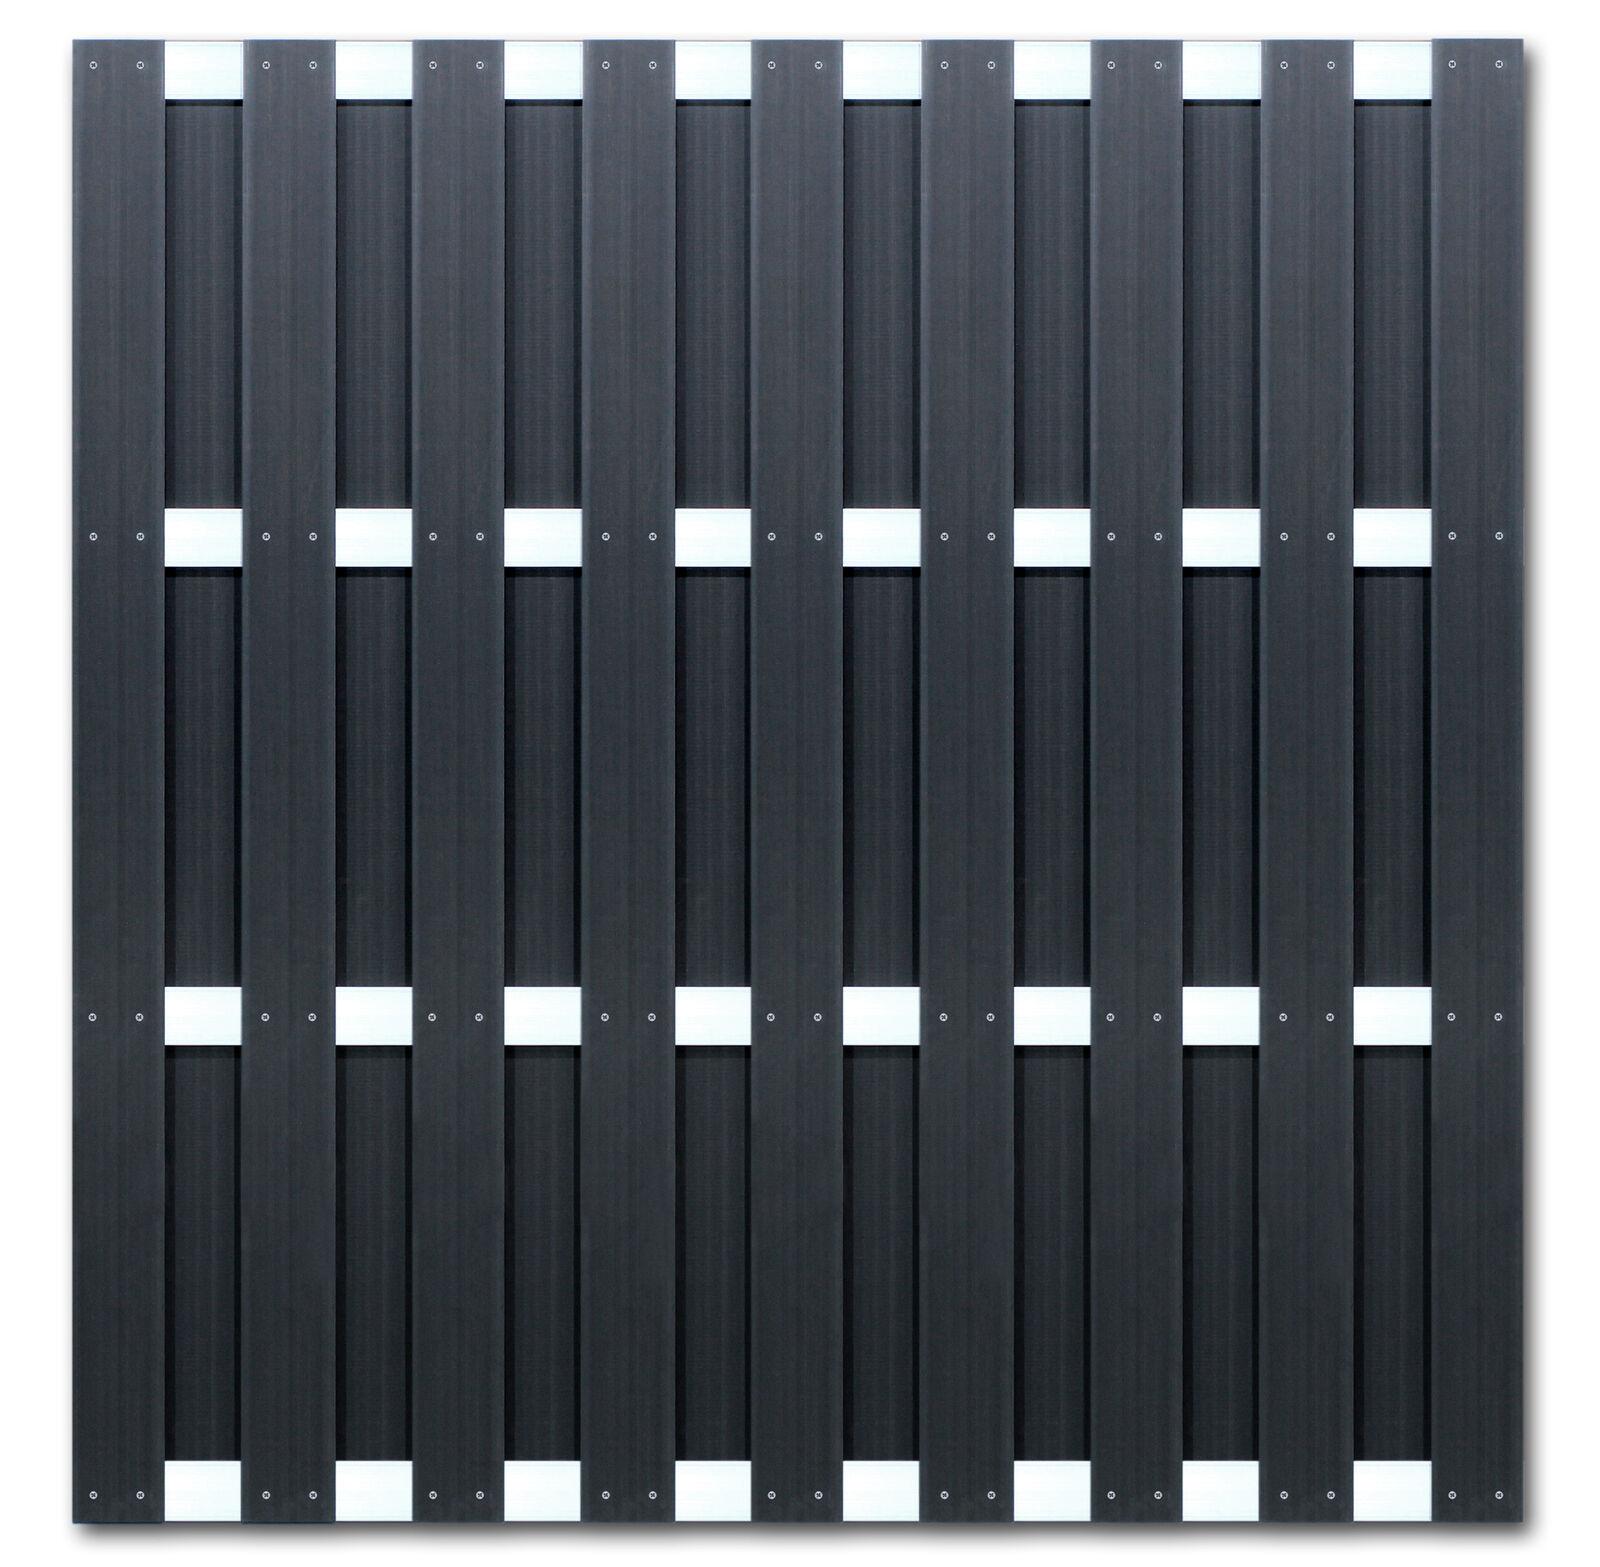 Wpc Ibiza Sichtschutz Zaun Element Gartenzaun 180 X 180 Cm